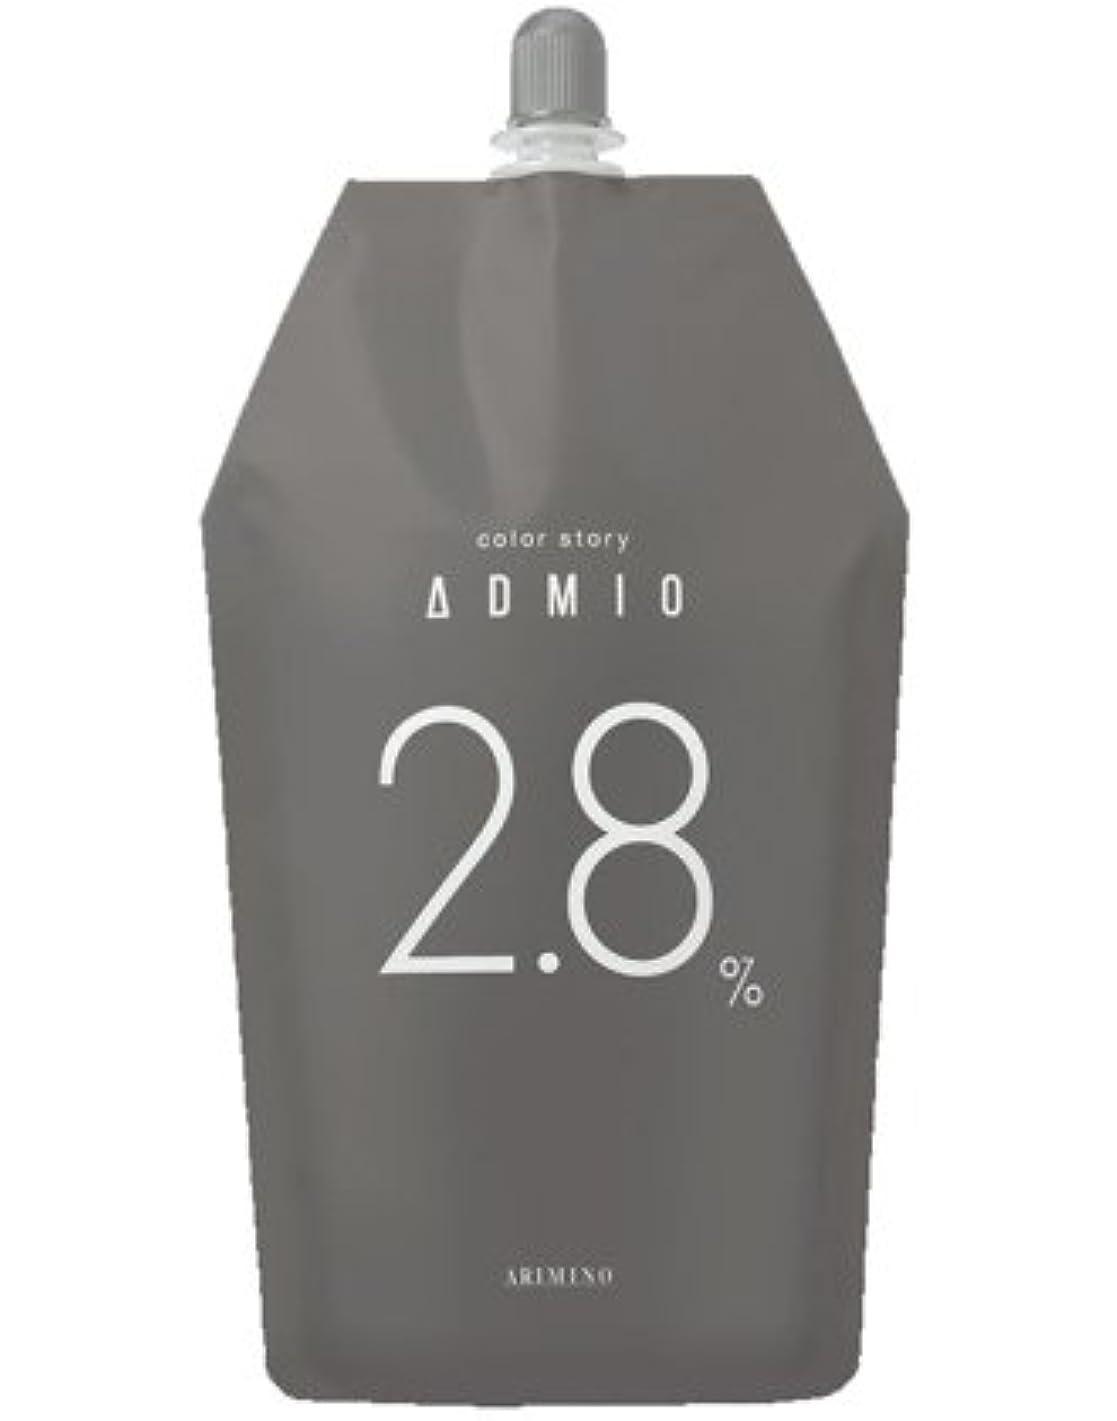 悪行オーケストラ構成員【アリミノ】カラーストーリー アドミオ OX 2.8% 1000ml